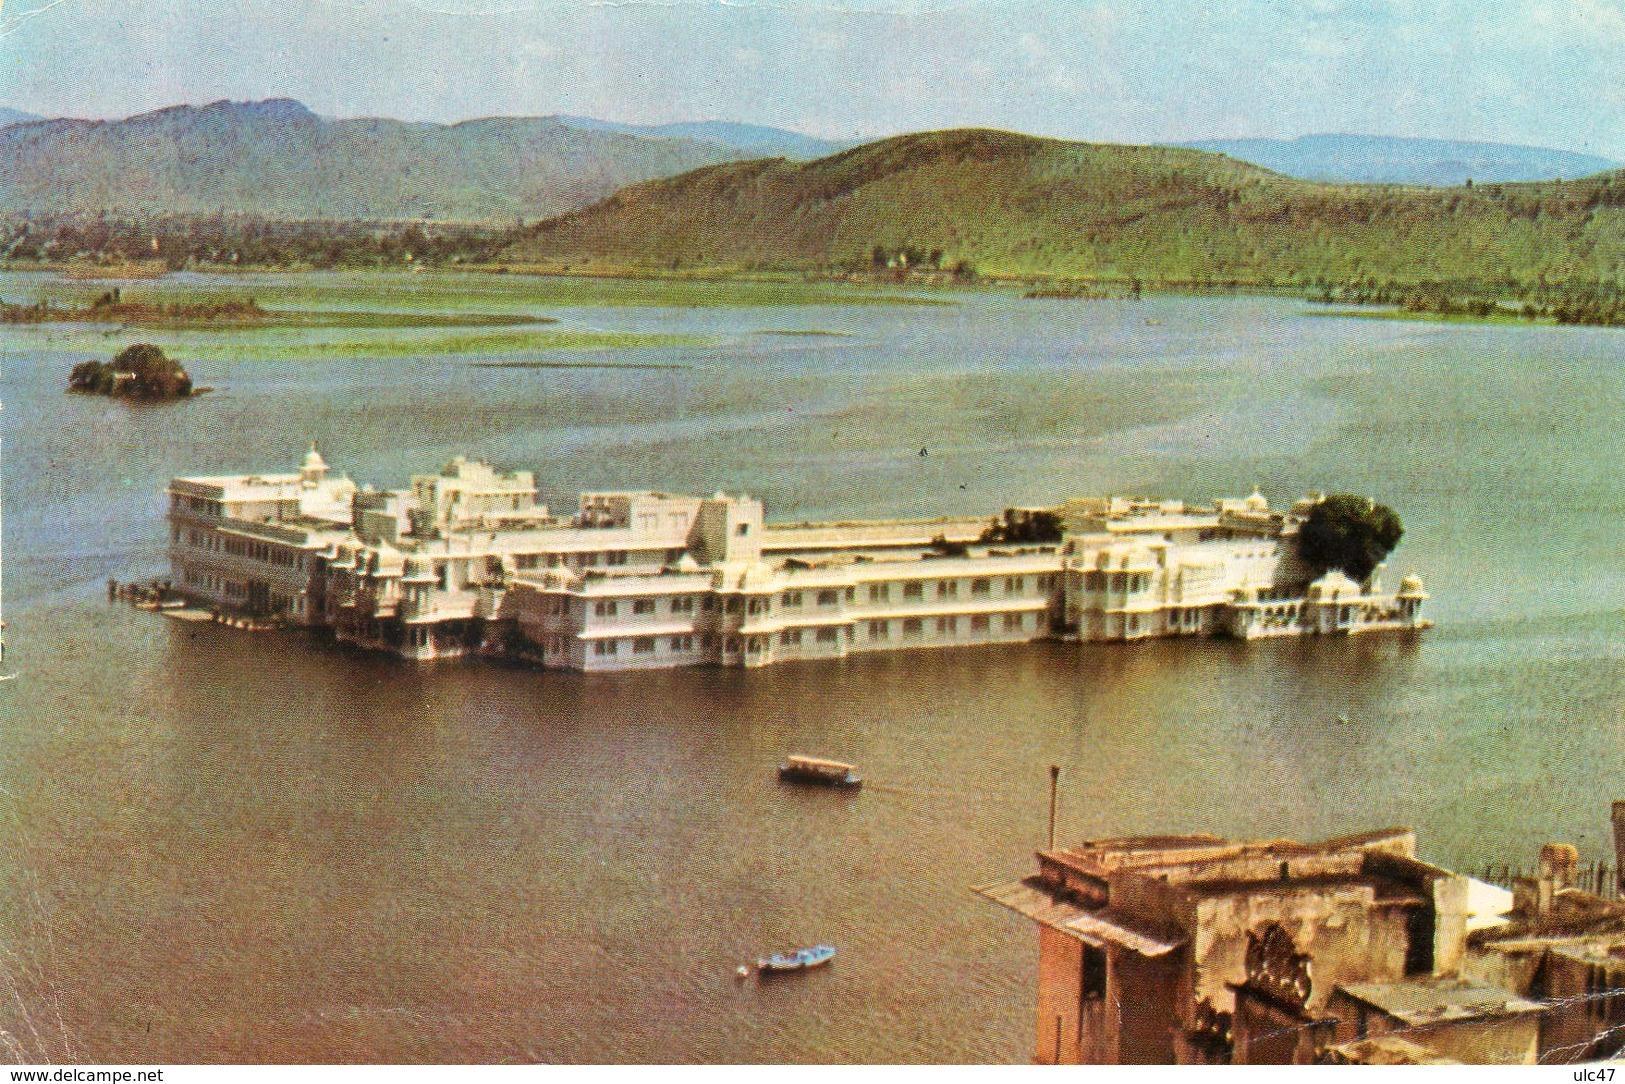 - ASIE - RAJASTHAN - LAKE PALACE - Scan Verso - - Cartes Postales